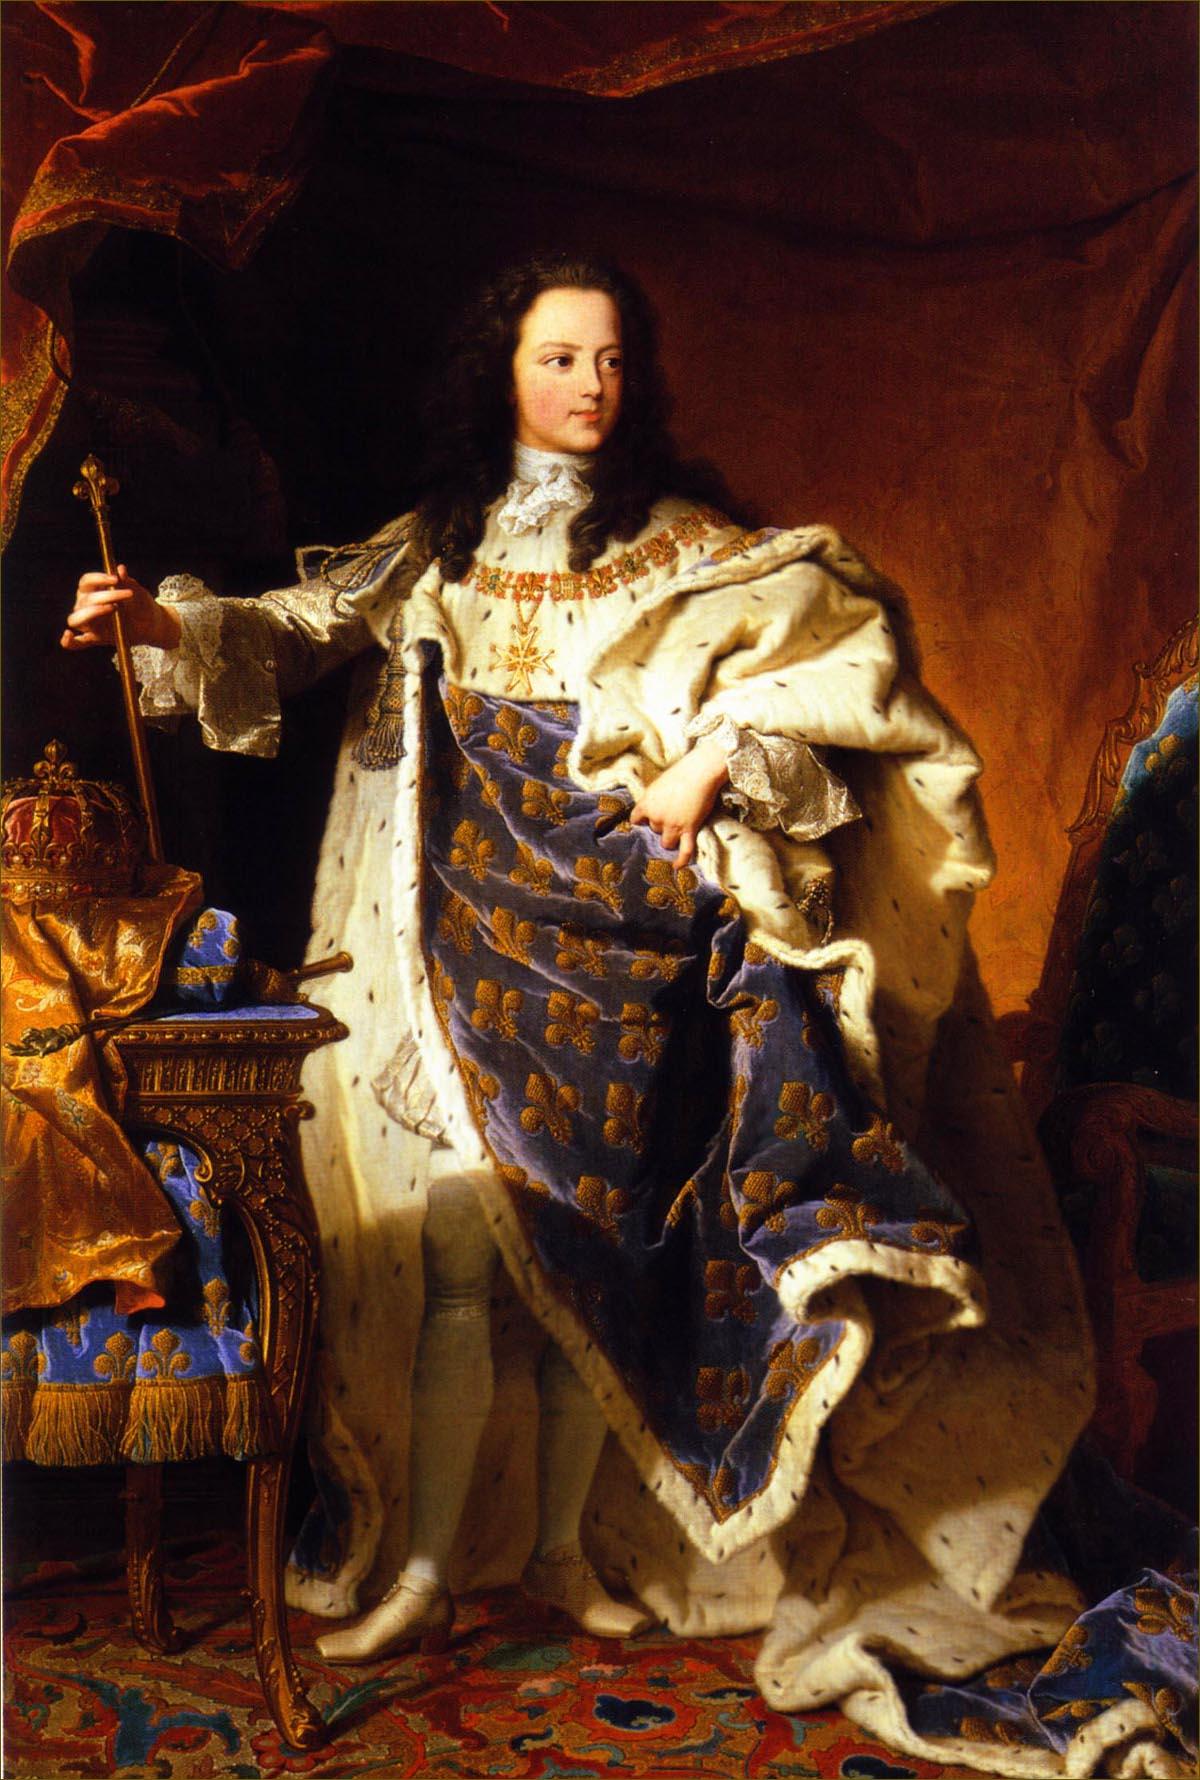 Louis XV, roi de France, âgé de 11 ans, en costume royal, en 1721, par Rigaud